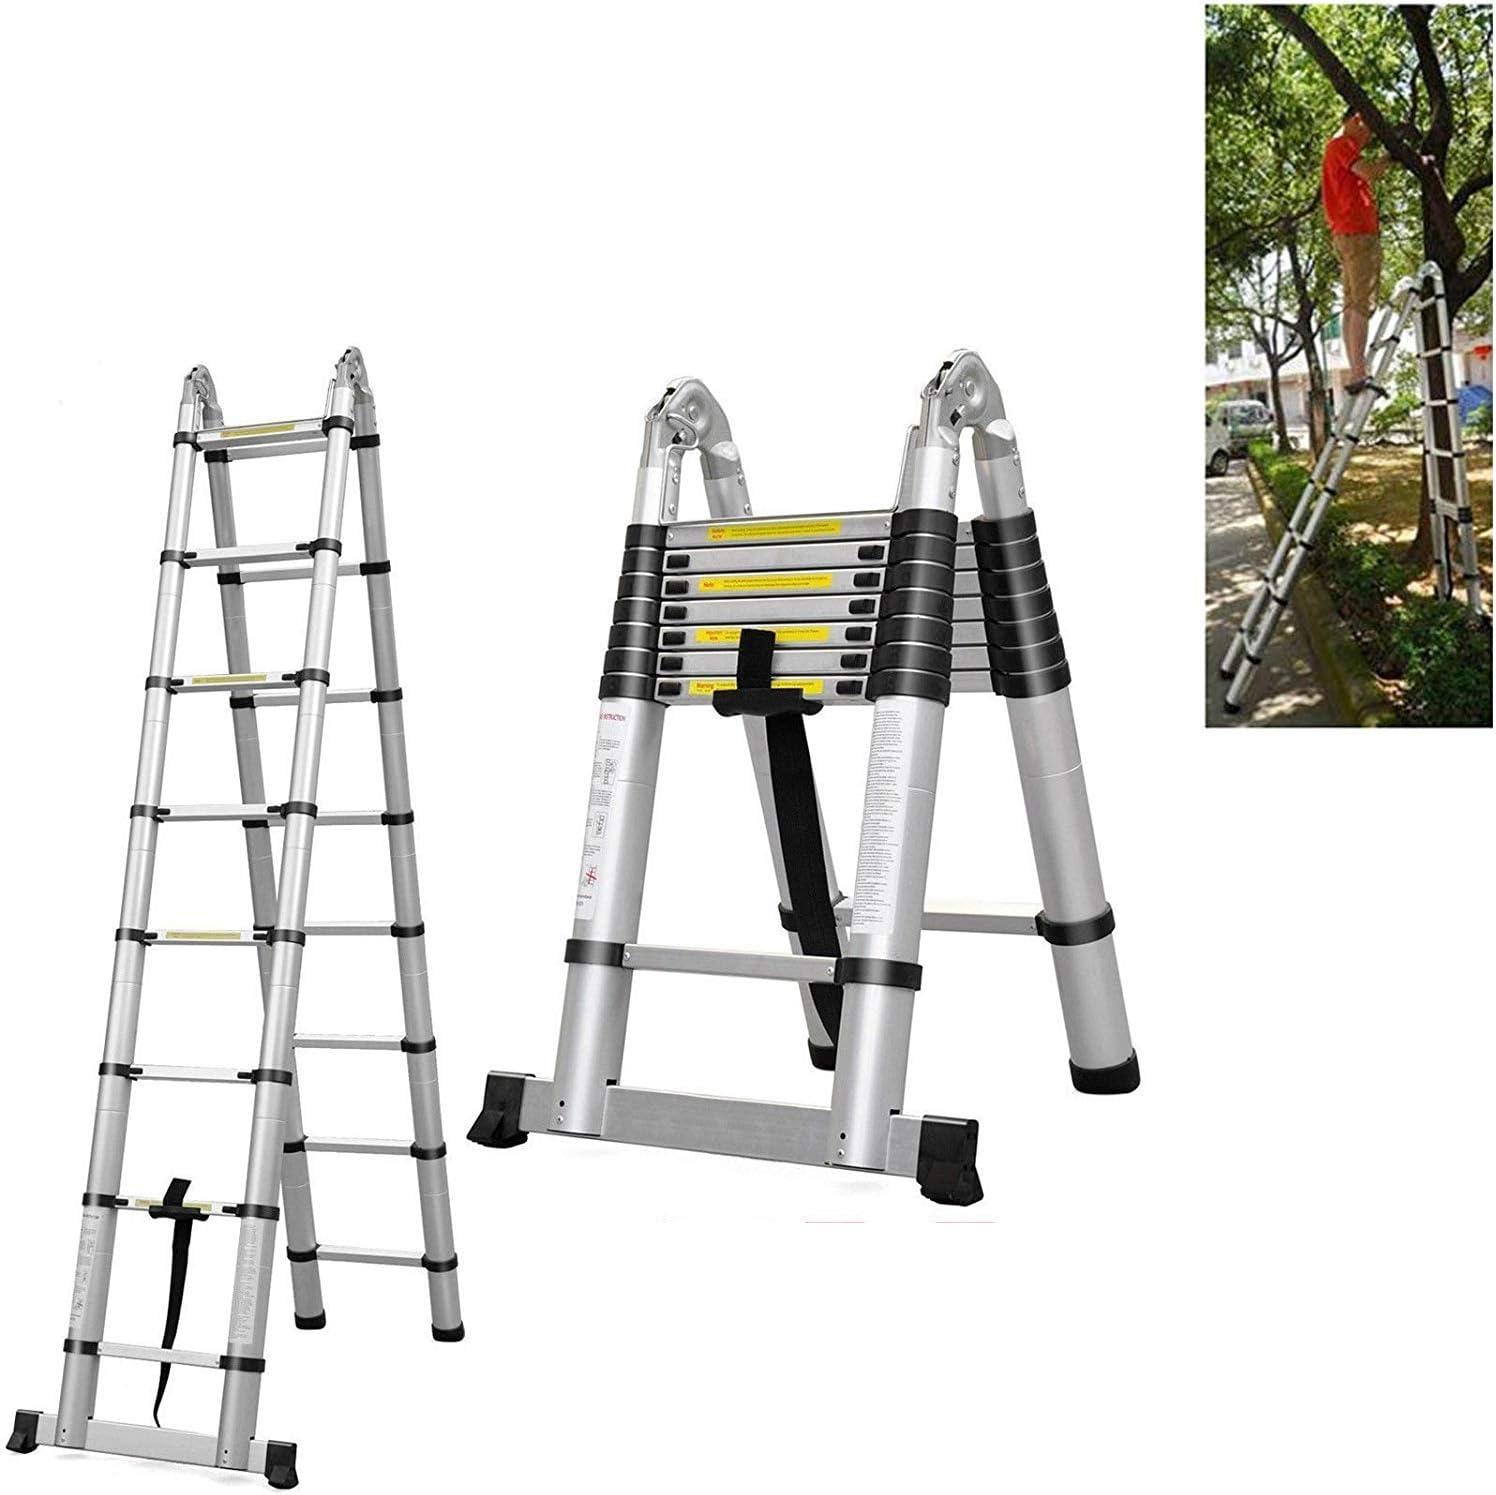 Escalera telescópica plegable multiusos de aluminio, 5 m, marco extensible, 16 pasos 2018, nuevo diseño: Amazon.es: Bricolaje y herramientas